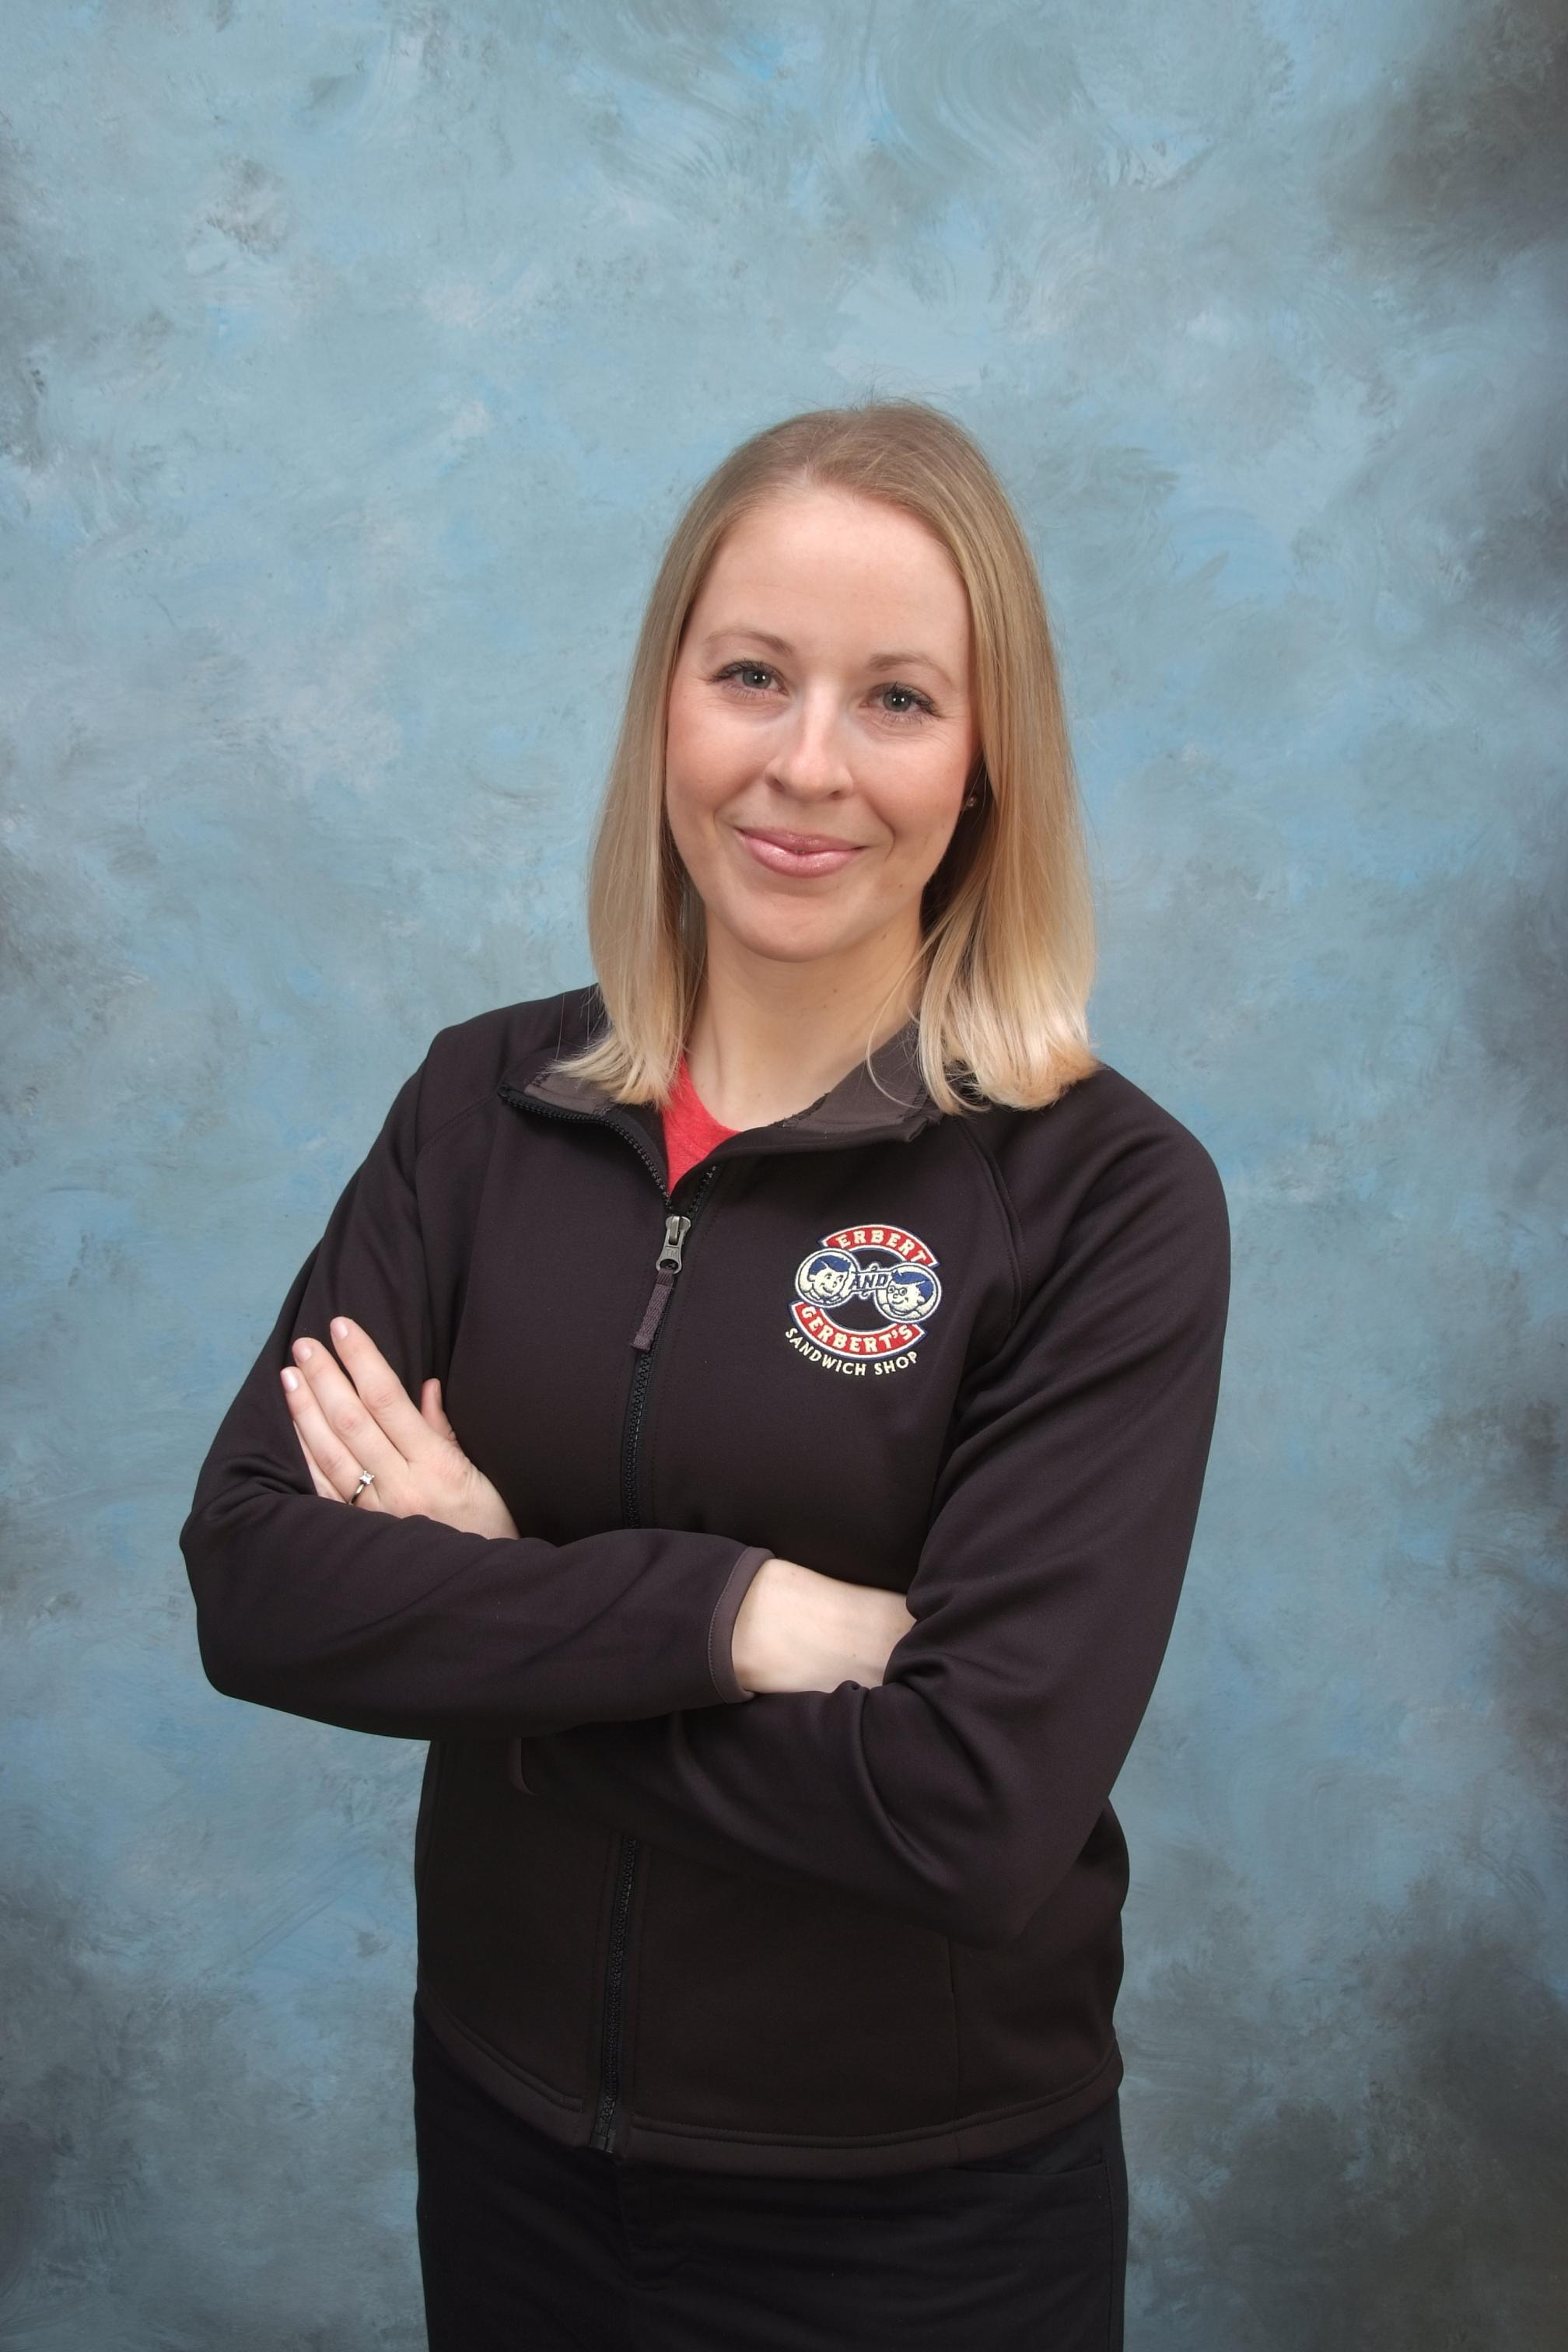 Lindsey Gentry, of Killeen, Texas, recently signed a development agreement with Erbert & Gerbert's Sandwich Shop.